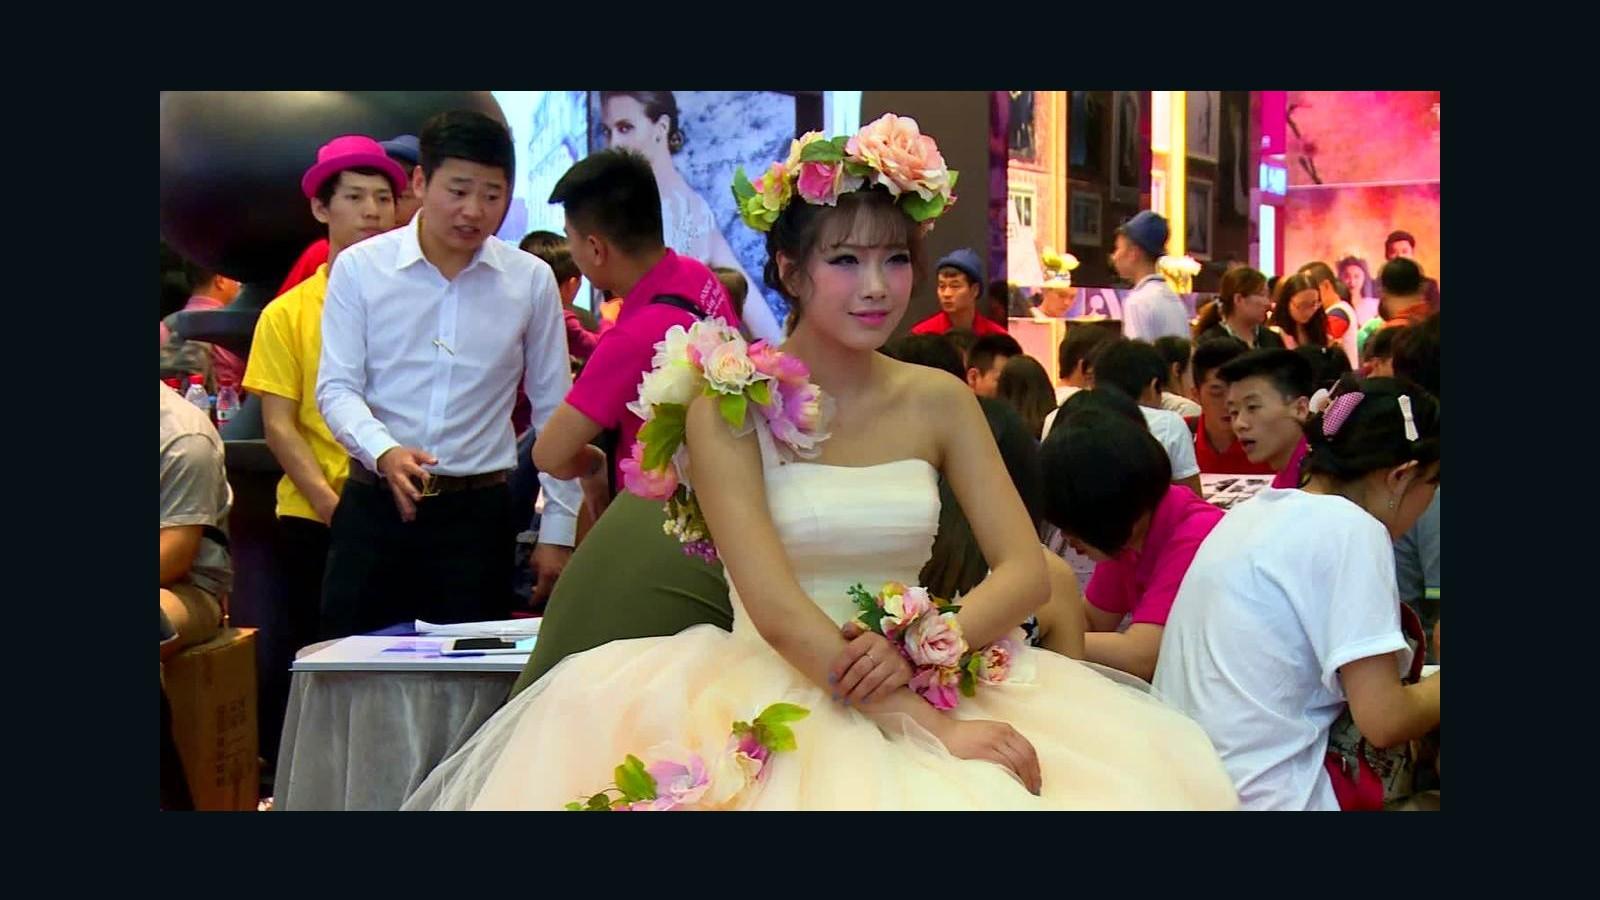 Naked chinese weddings idea